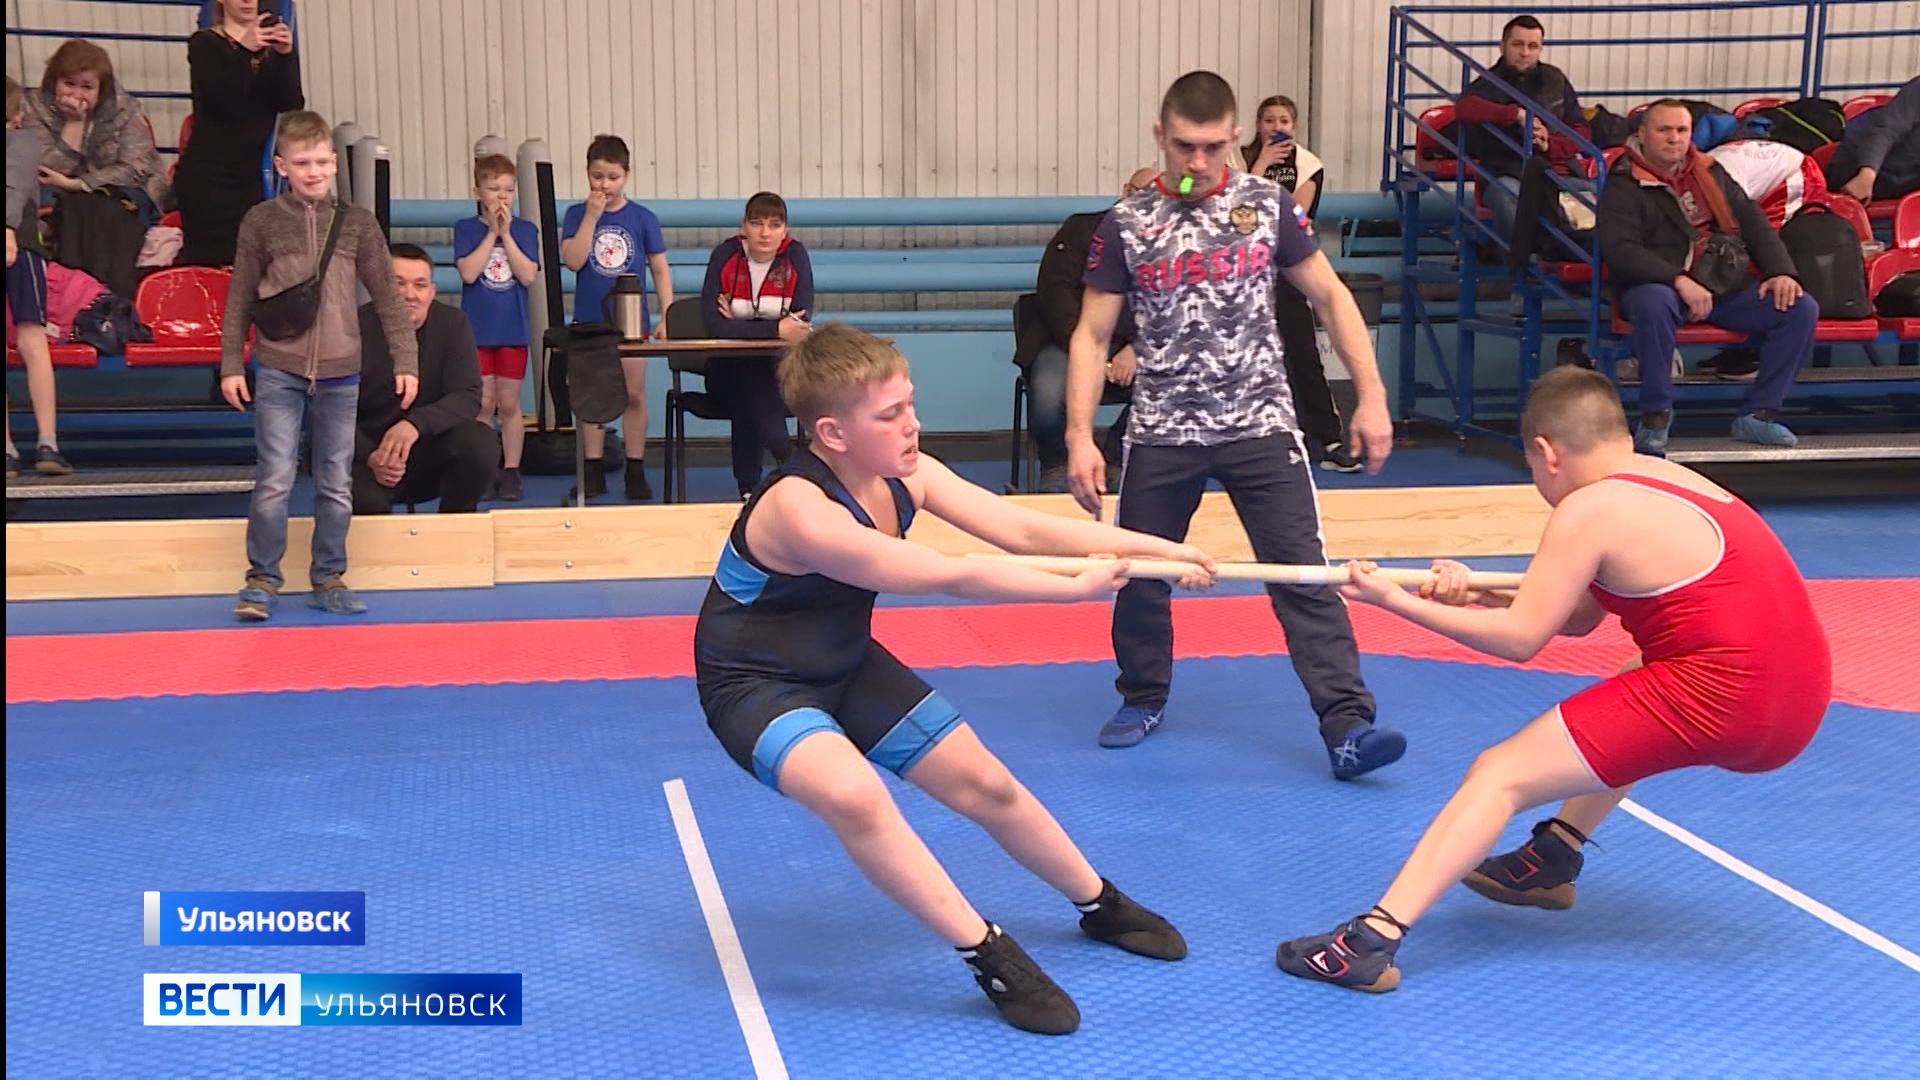 В Ульяновске запустили пилотный спортивный проект